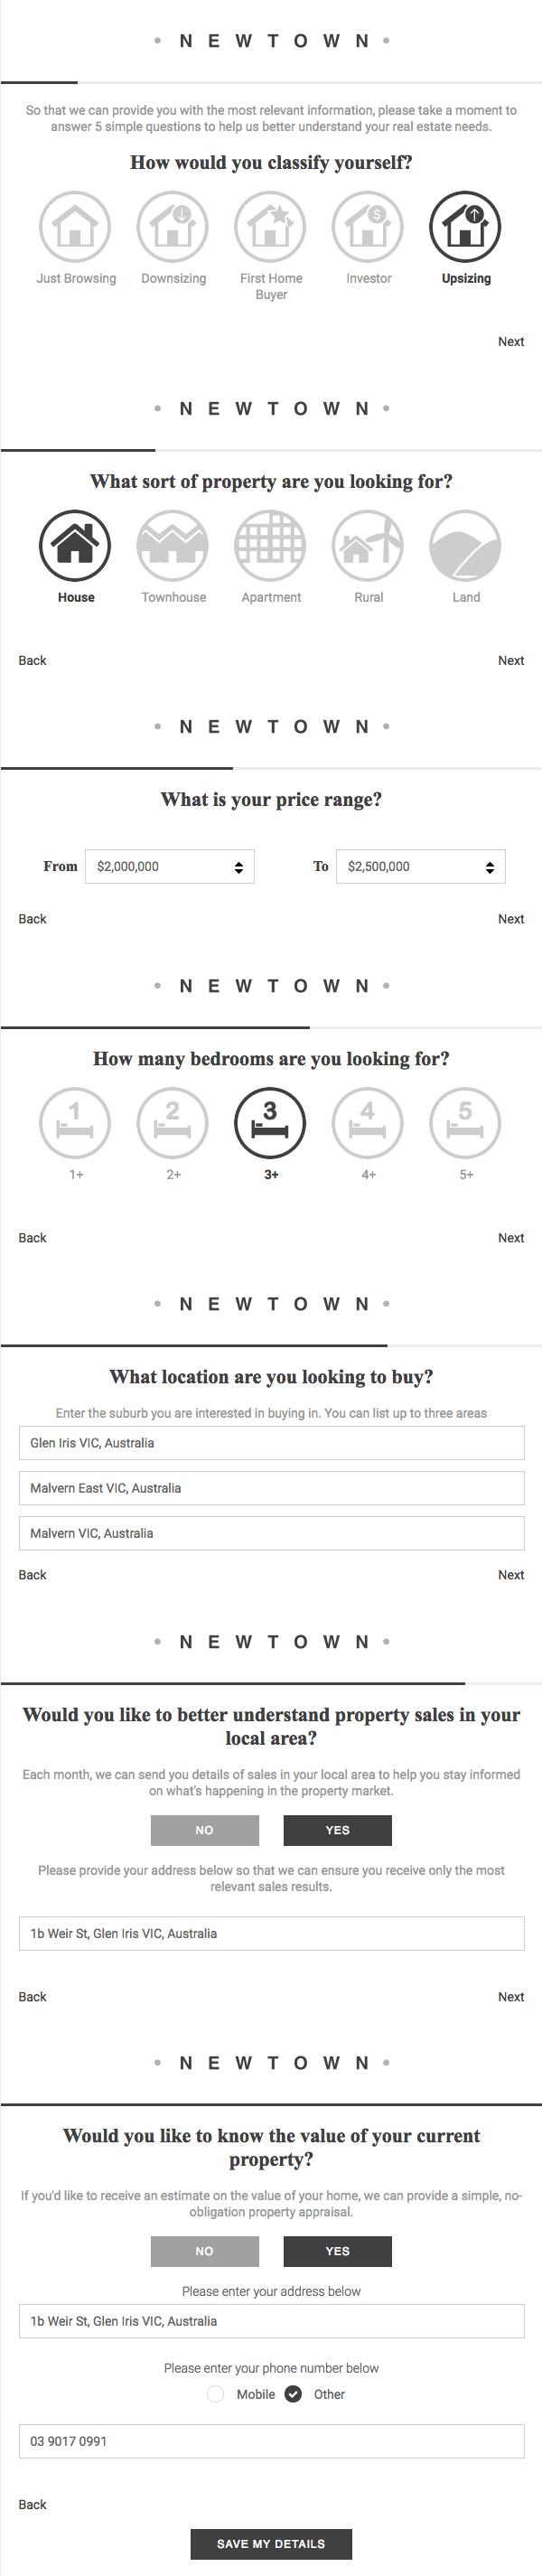 data hygiene survey